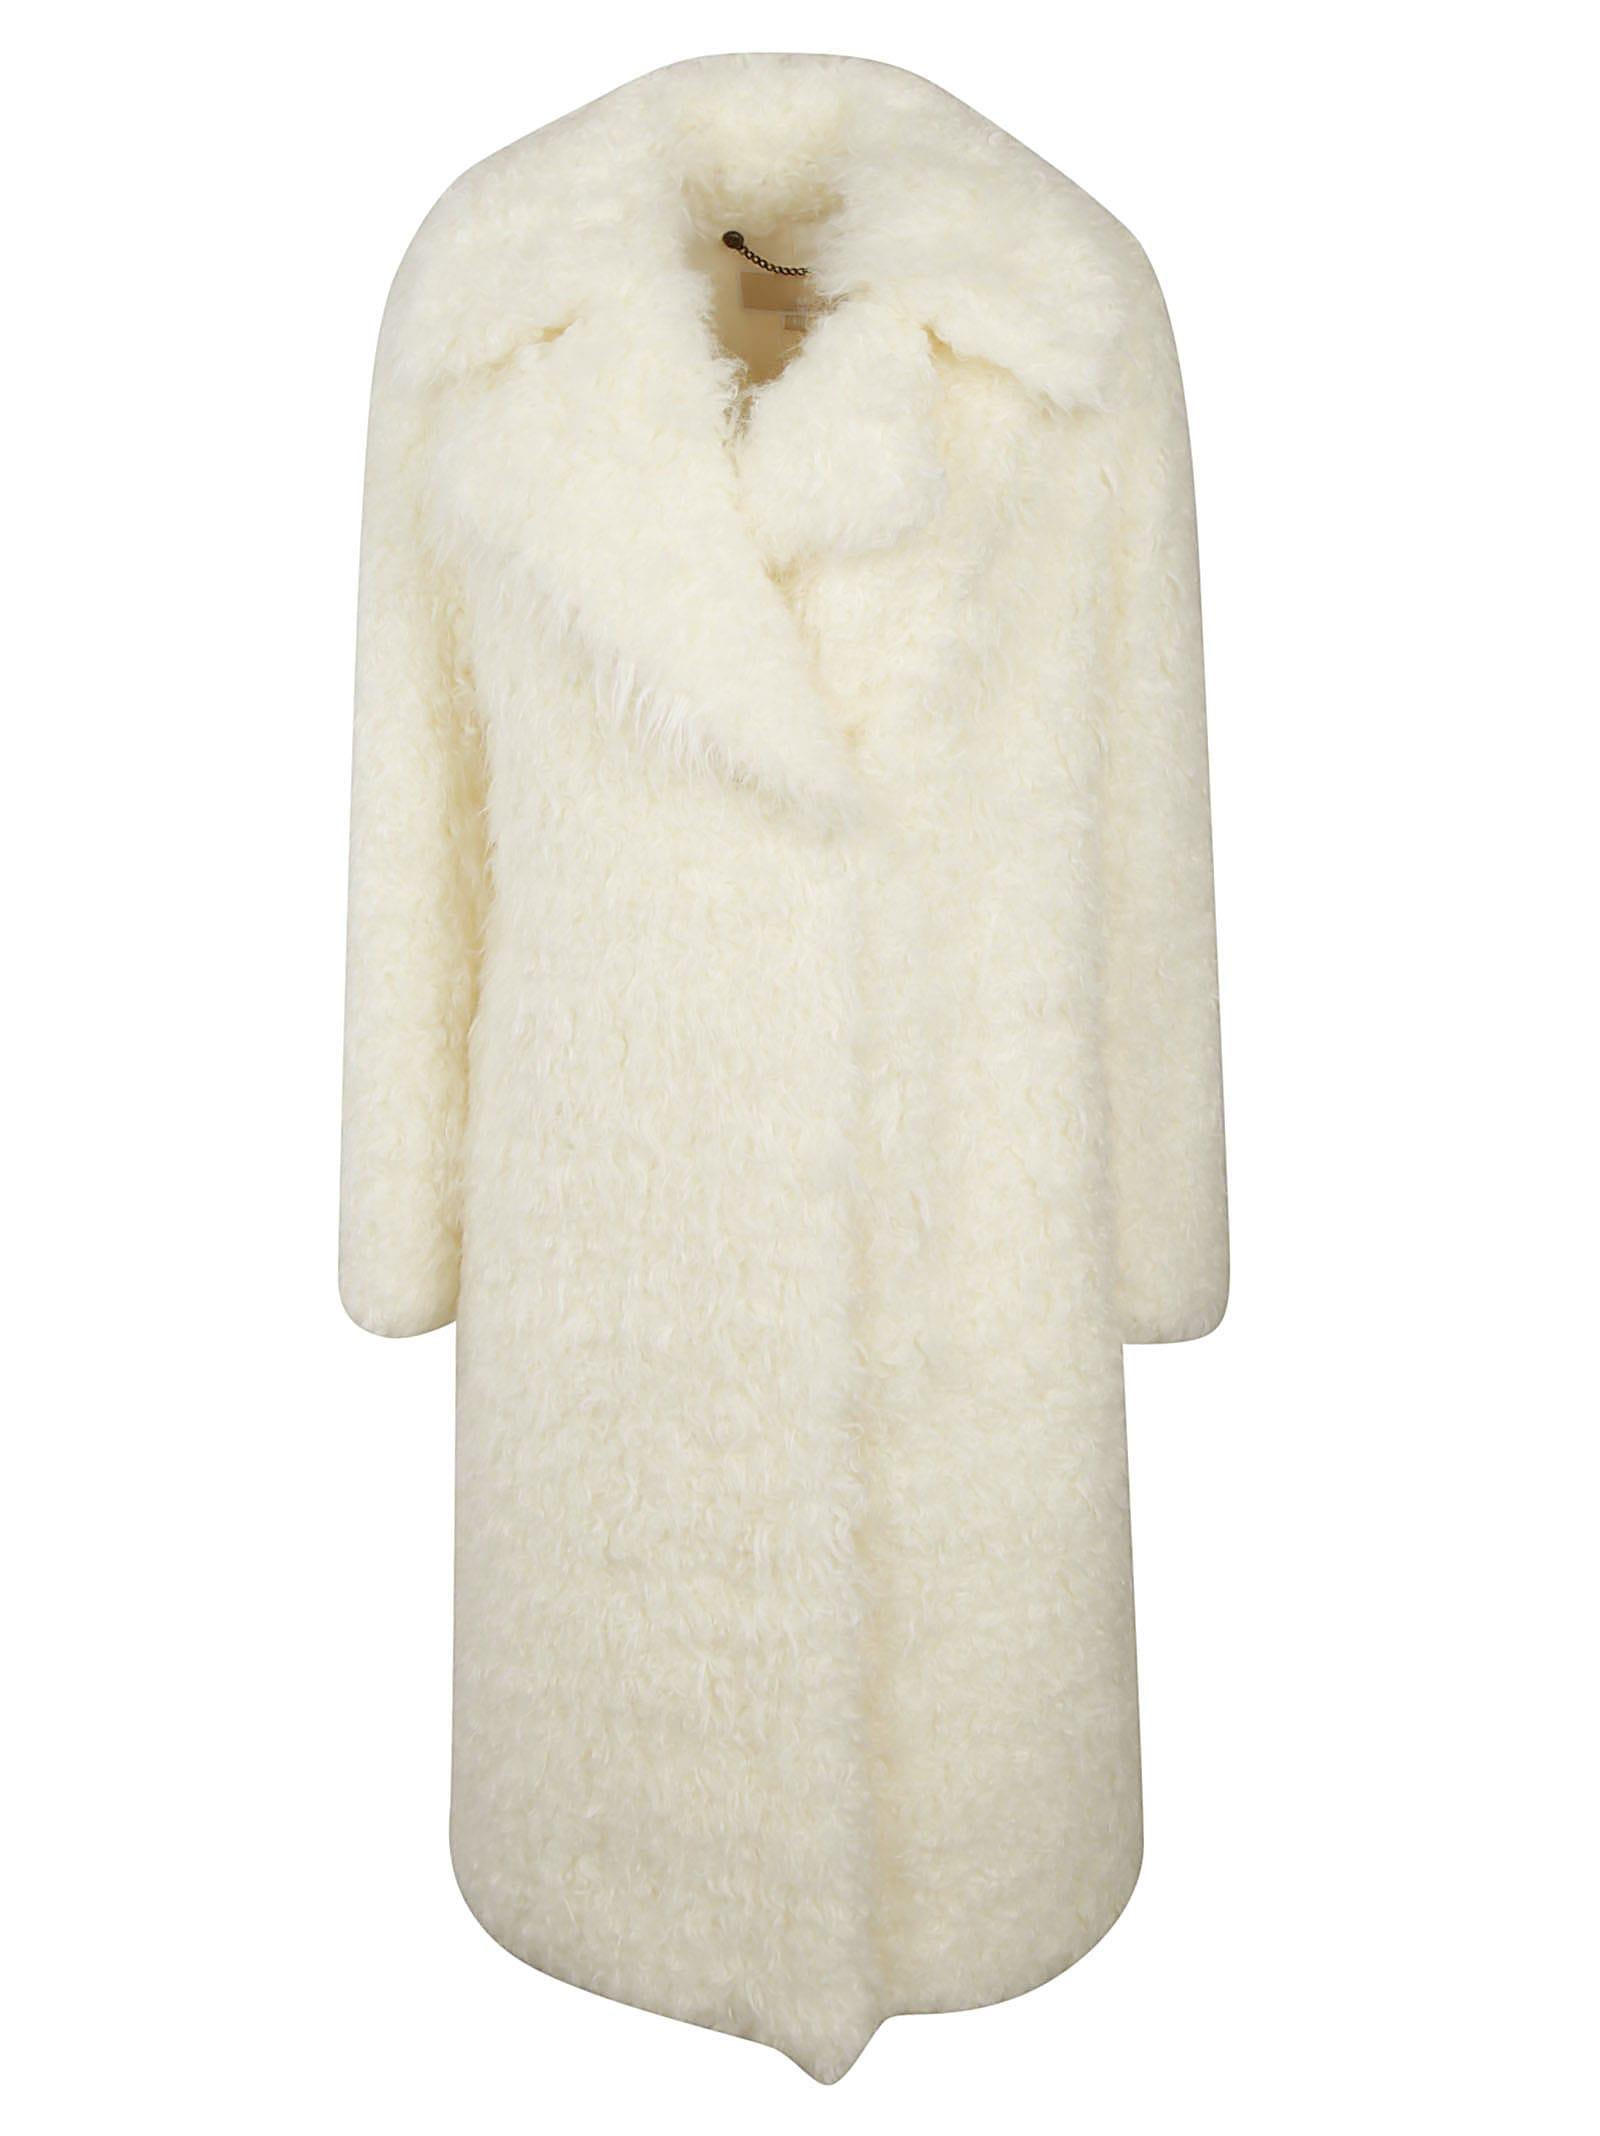 Michael Kors Fur Coat